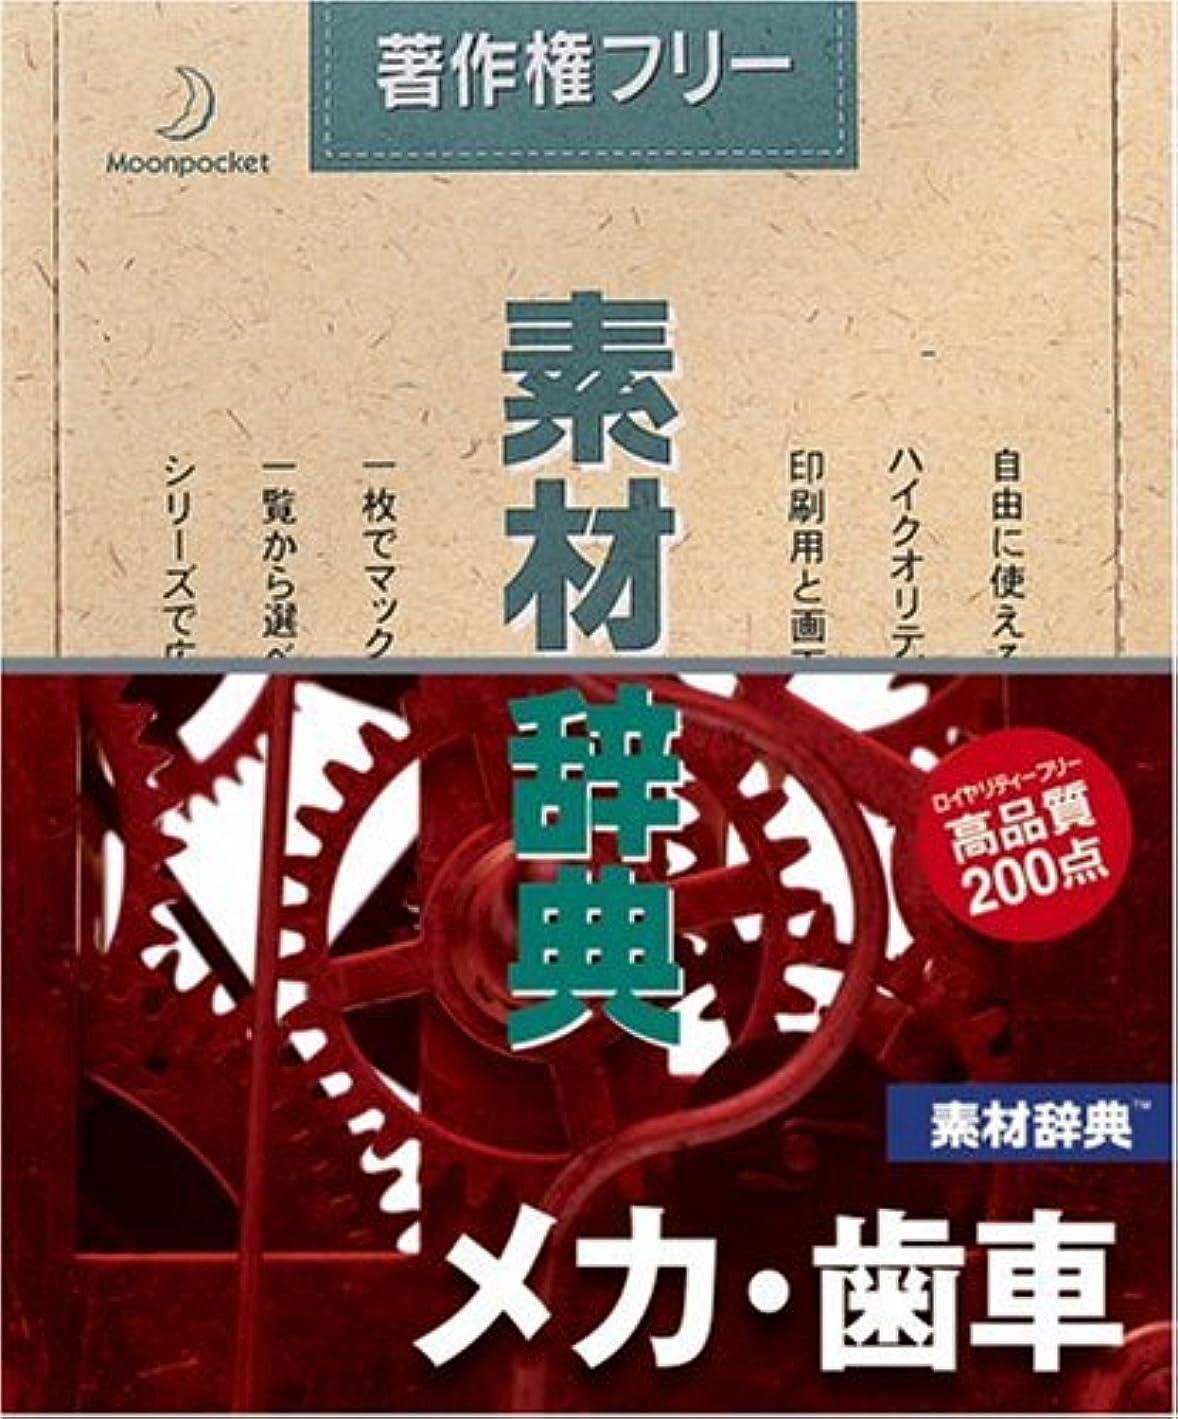 学部長消防士タイピスト素材辞典 Vol.27 メカ?歯車編